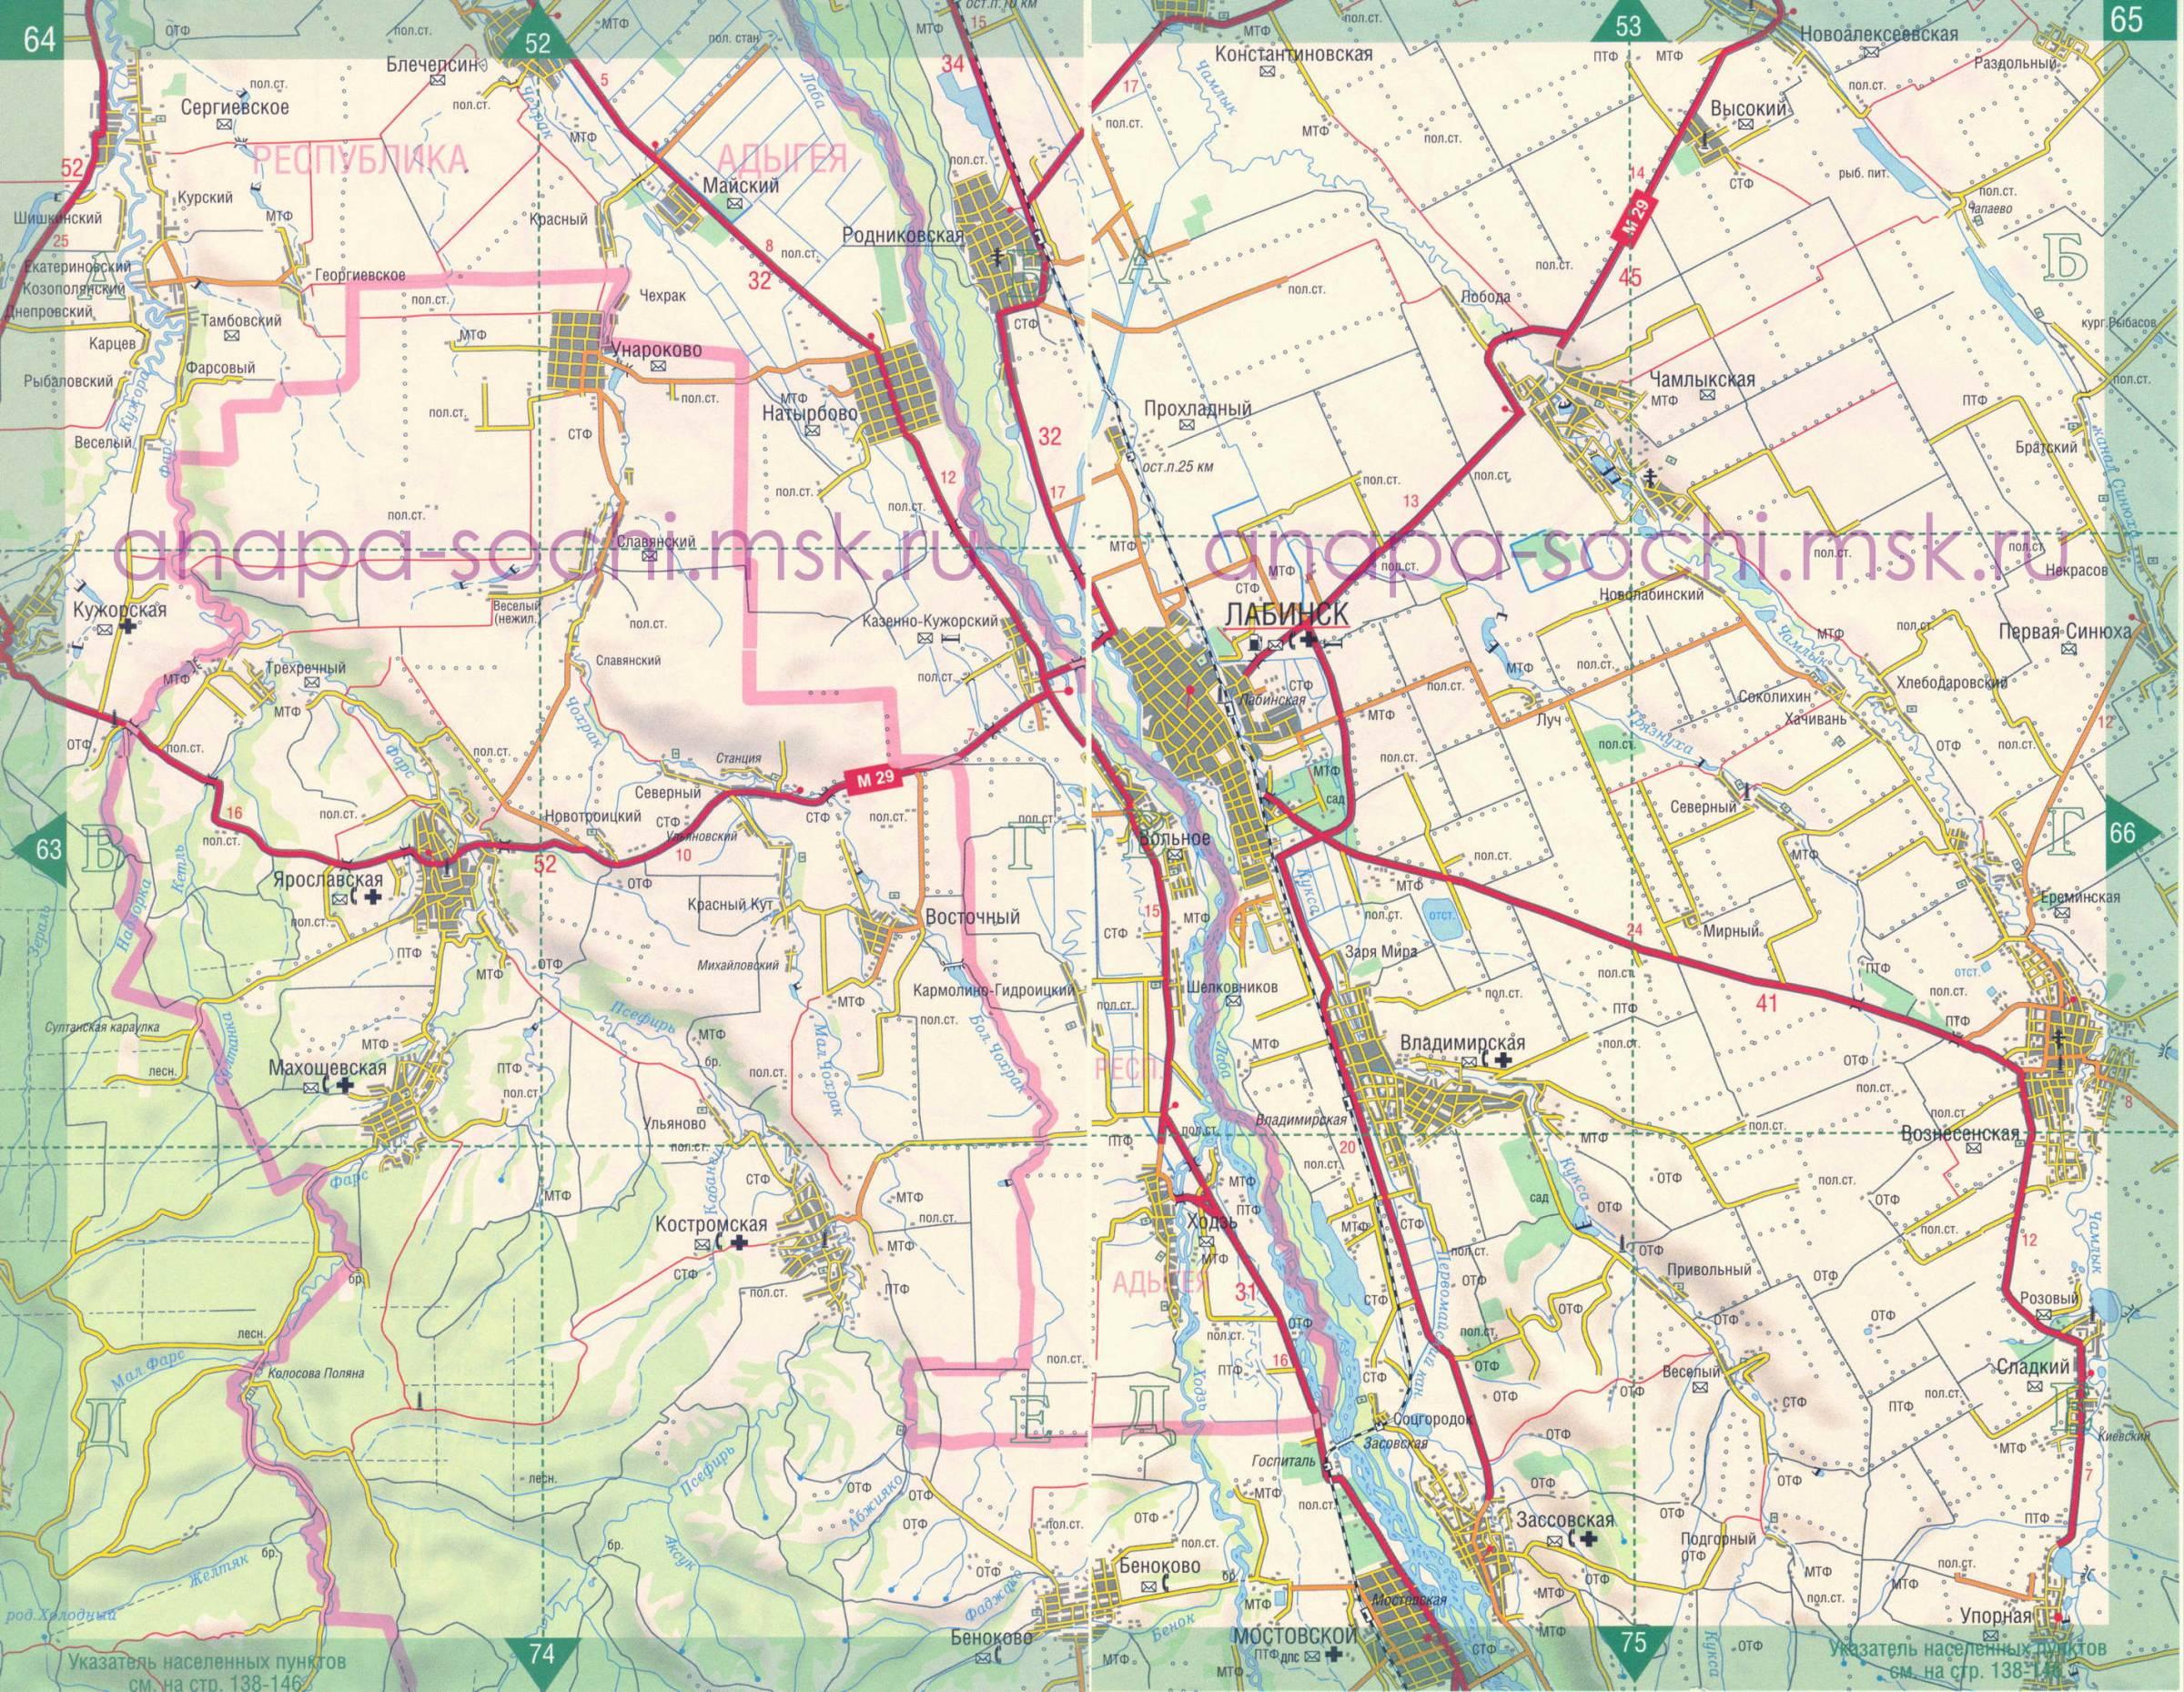 Краснодарского края подробная карта